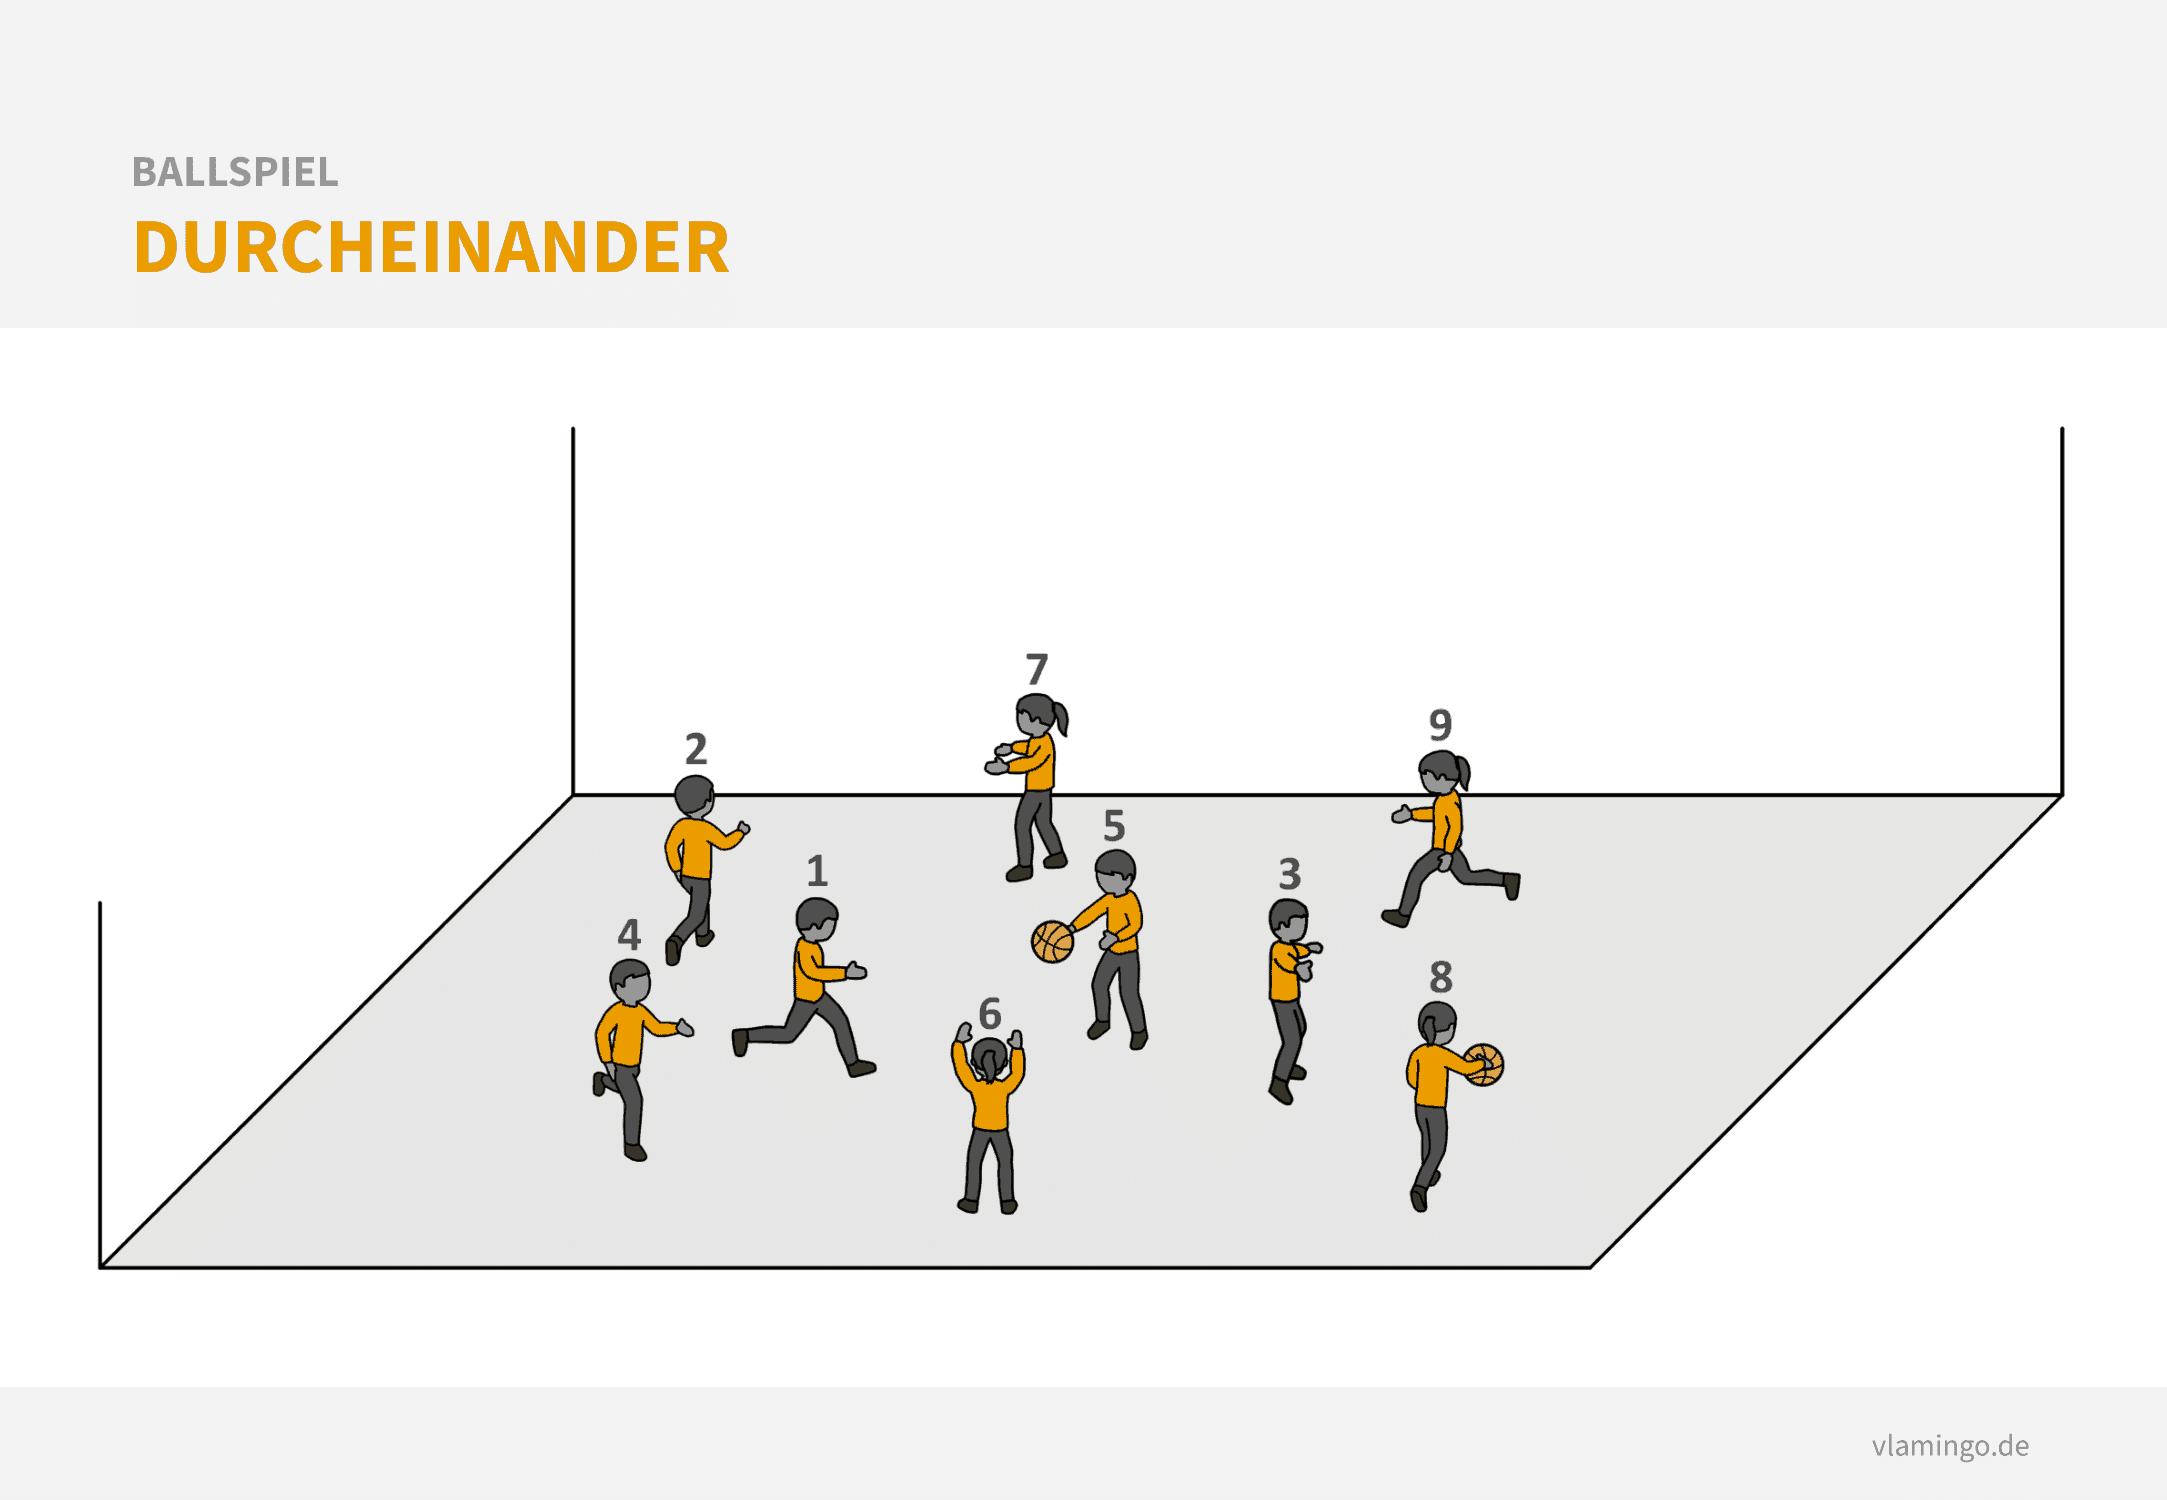 Basketball Aufwärmspiel: Durcheinander